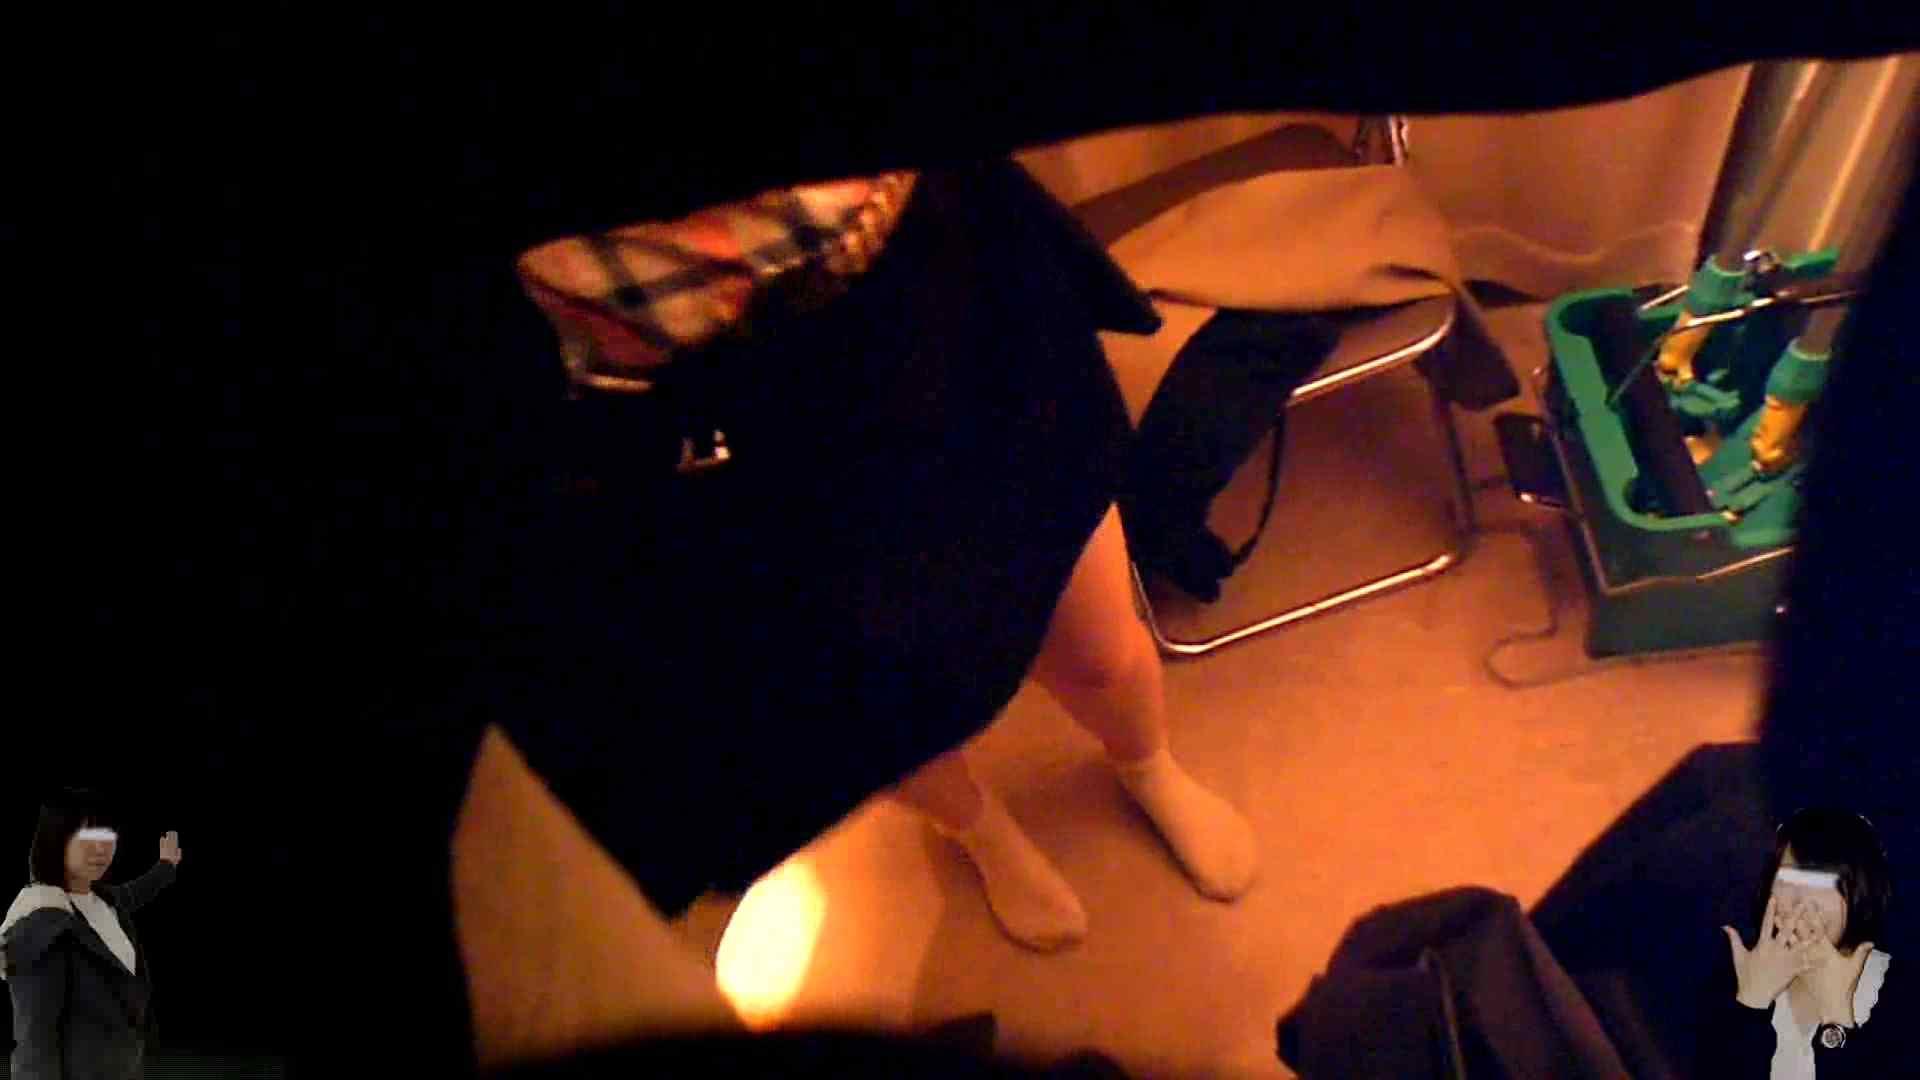 素人投稿 現役「JD」Eちゃんの着替え Vol.04 女子着替え | 投稿  65pic 41